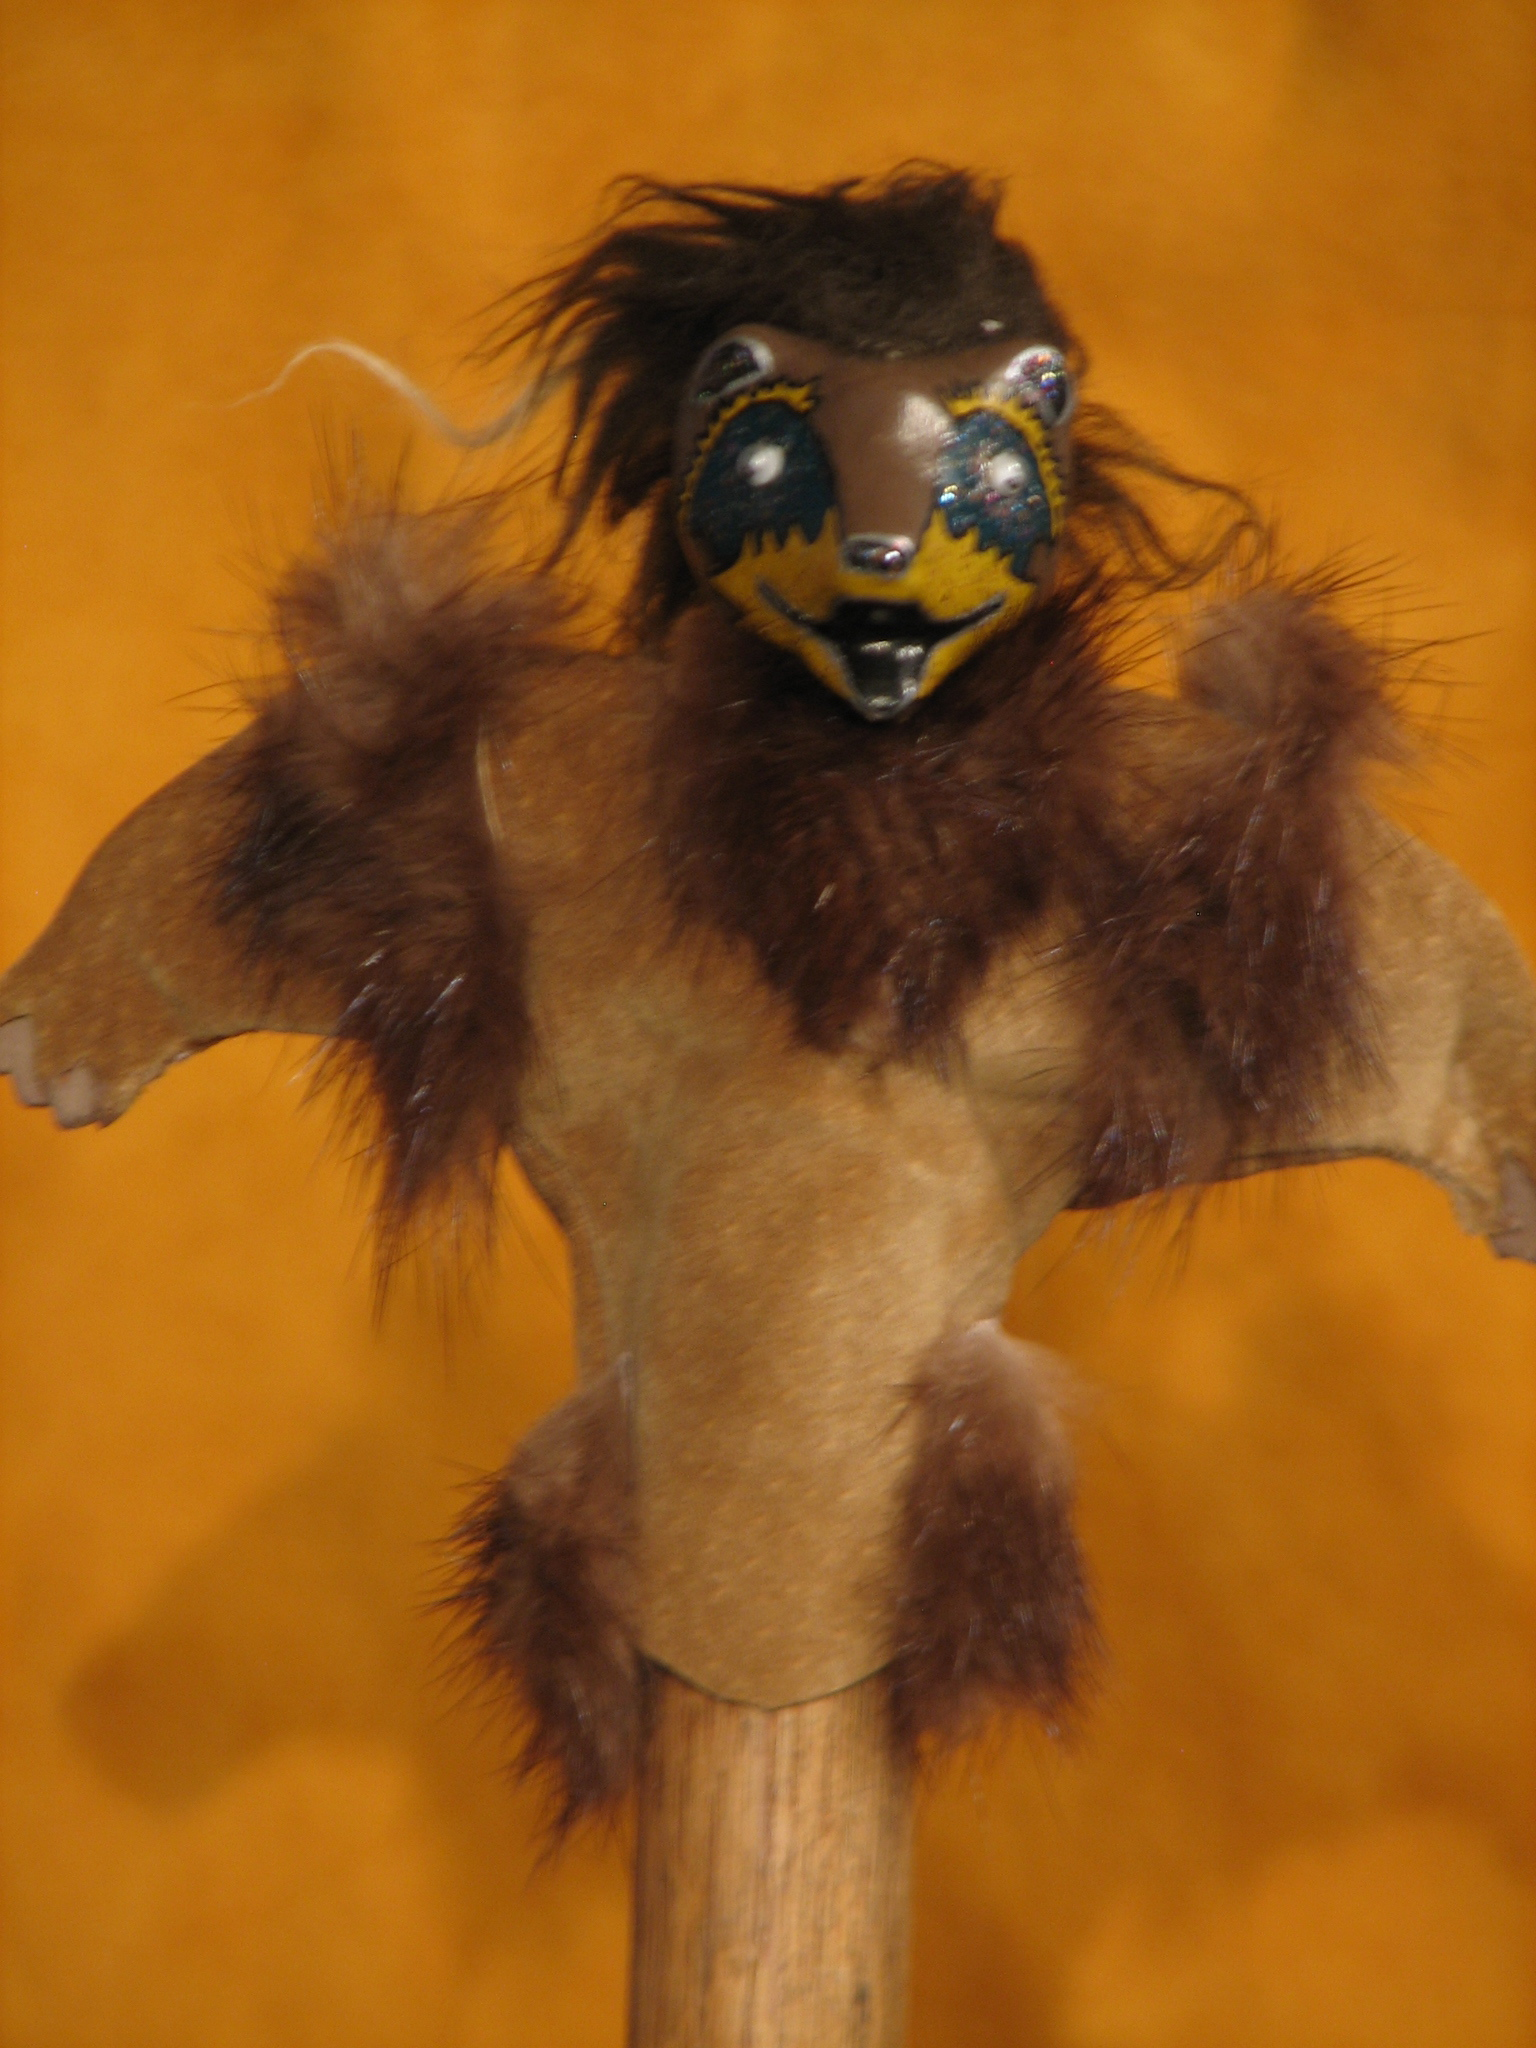 Bear, puppeta, Alaskan Art